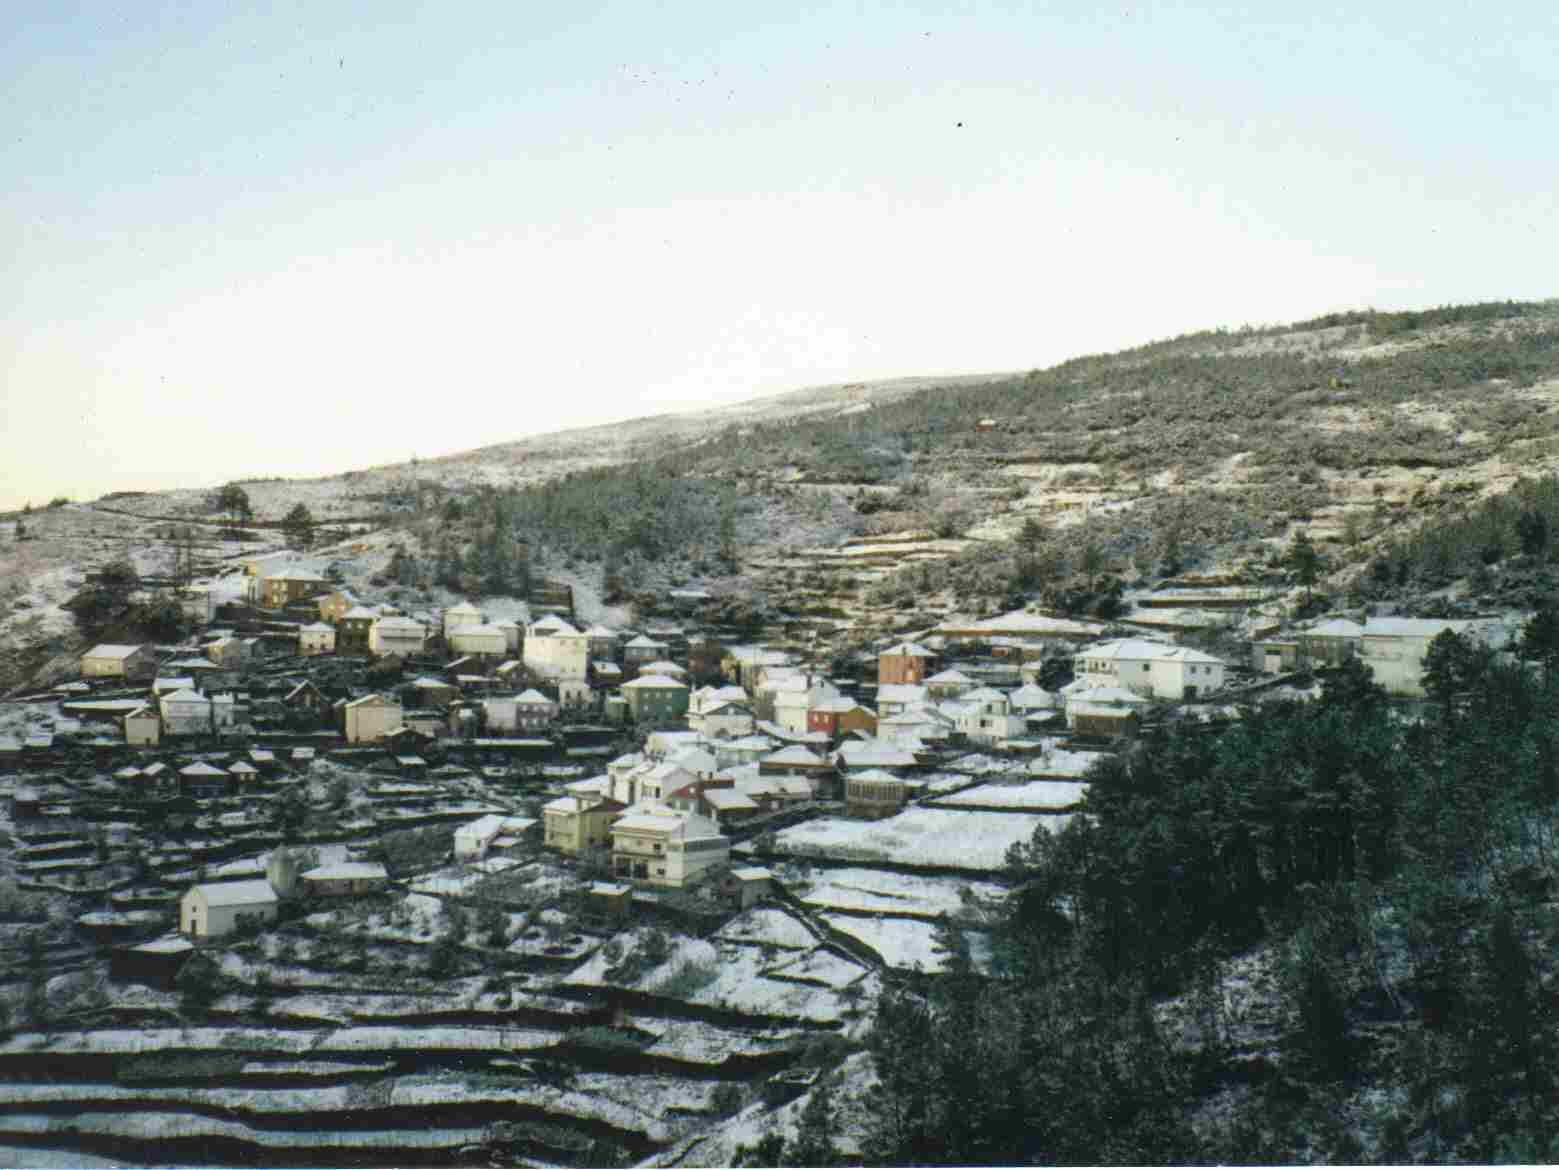 Monte Frio com neve no Domingo, 17 de Janeiro de 1999